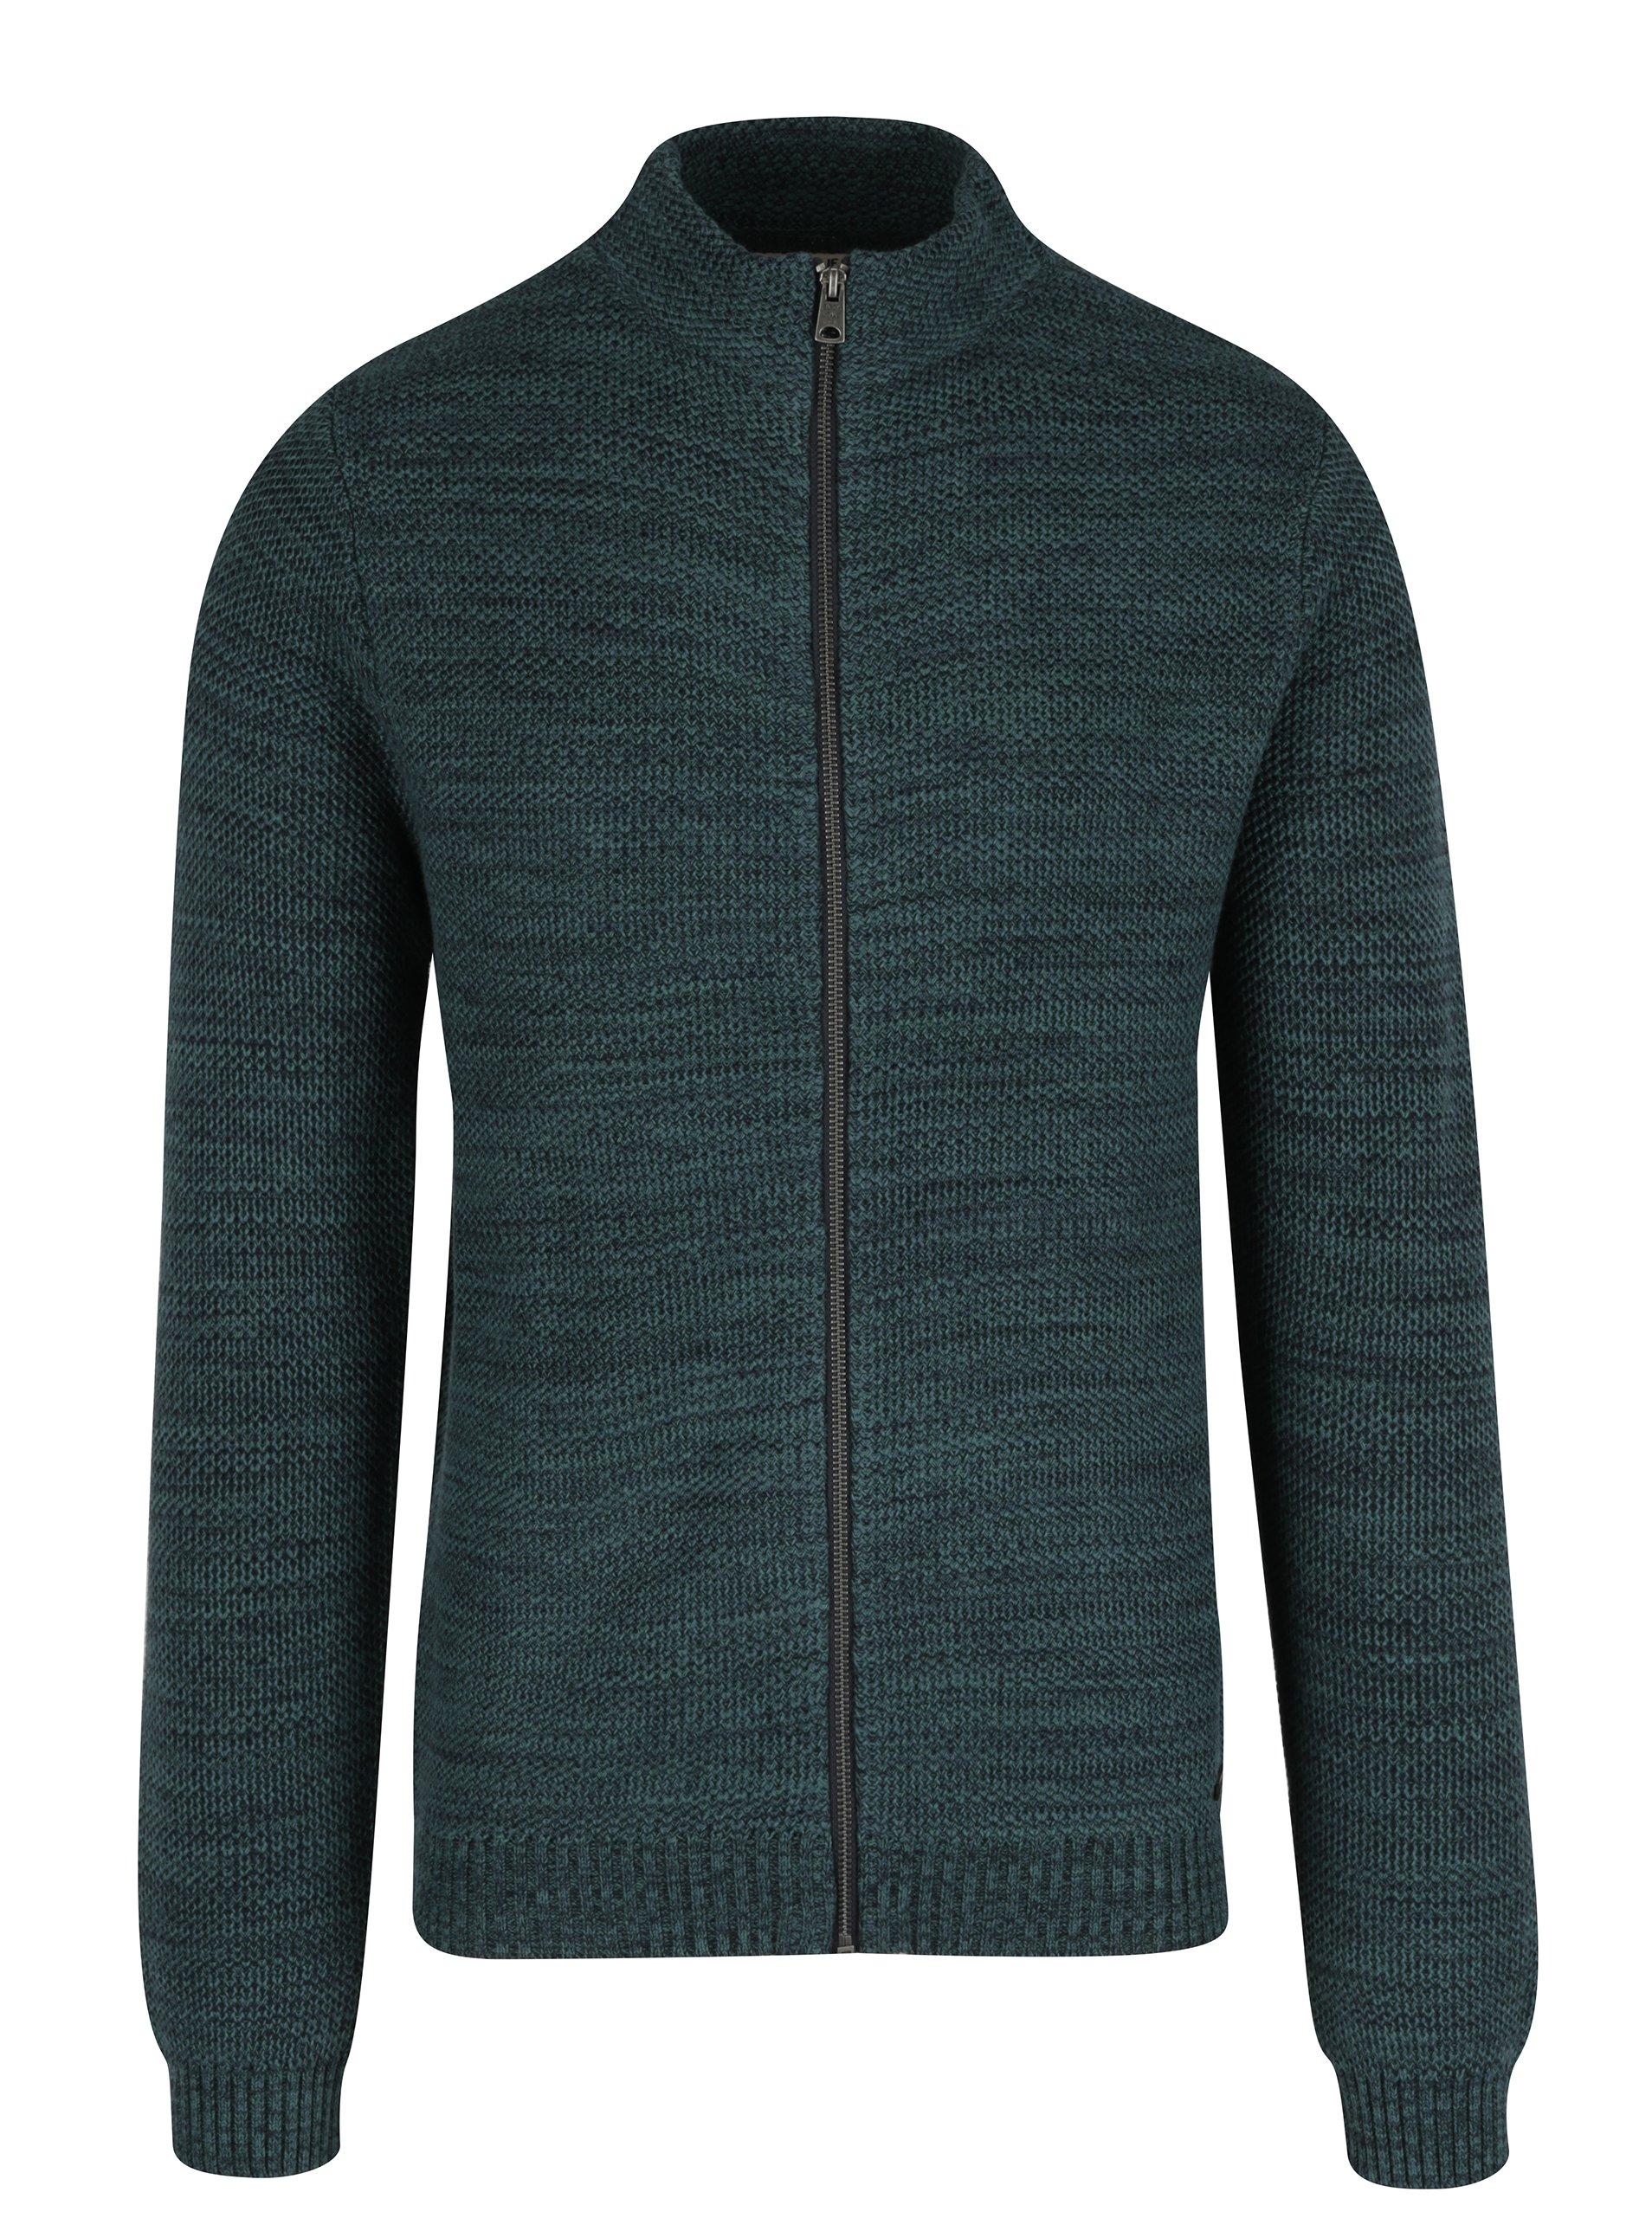 Tmavě zelený pánský cardigan na zip Garcia Jeans